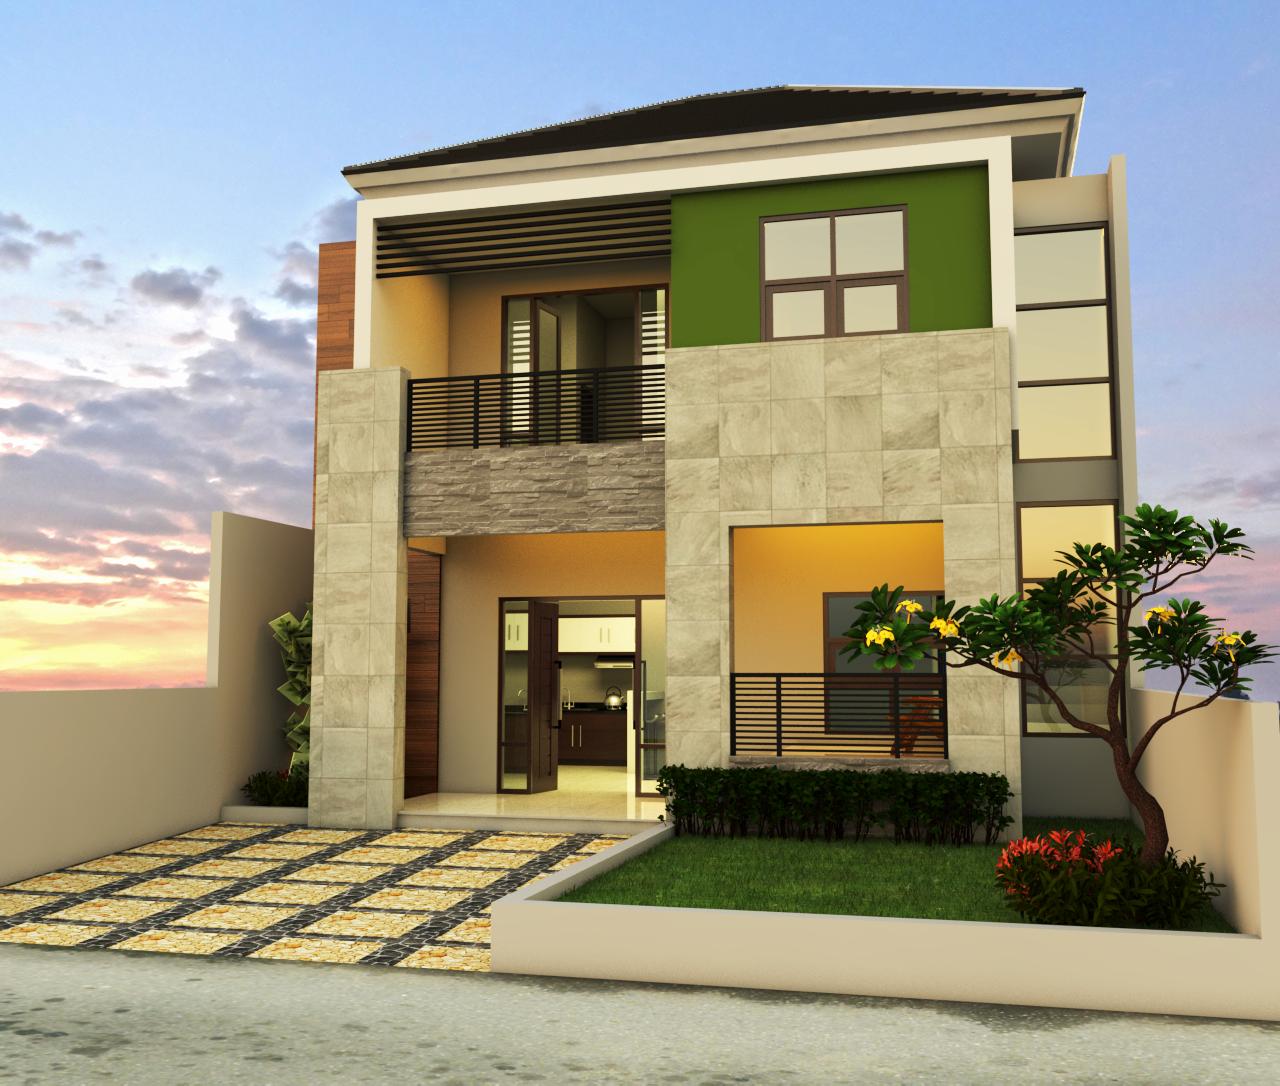 11 Desain RUmah MInimalis 2 Lantai 7 X 9 M2 1 - Desain Rumah Ukuran 8x12 dan Pertimbangan Pemilihan